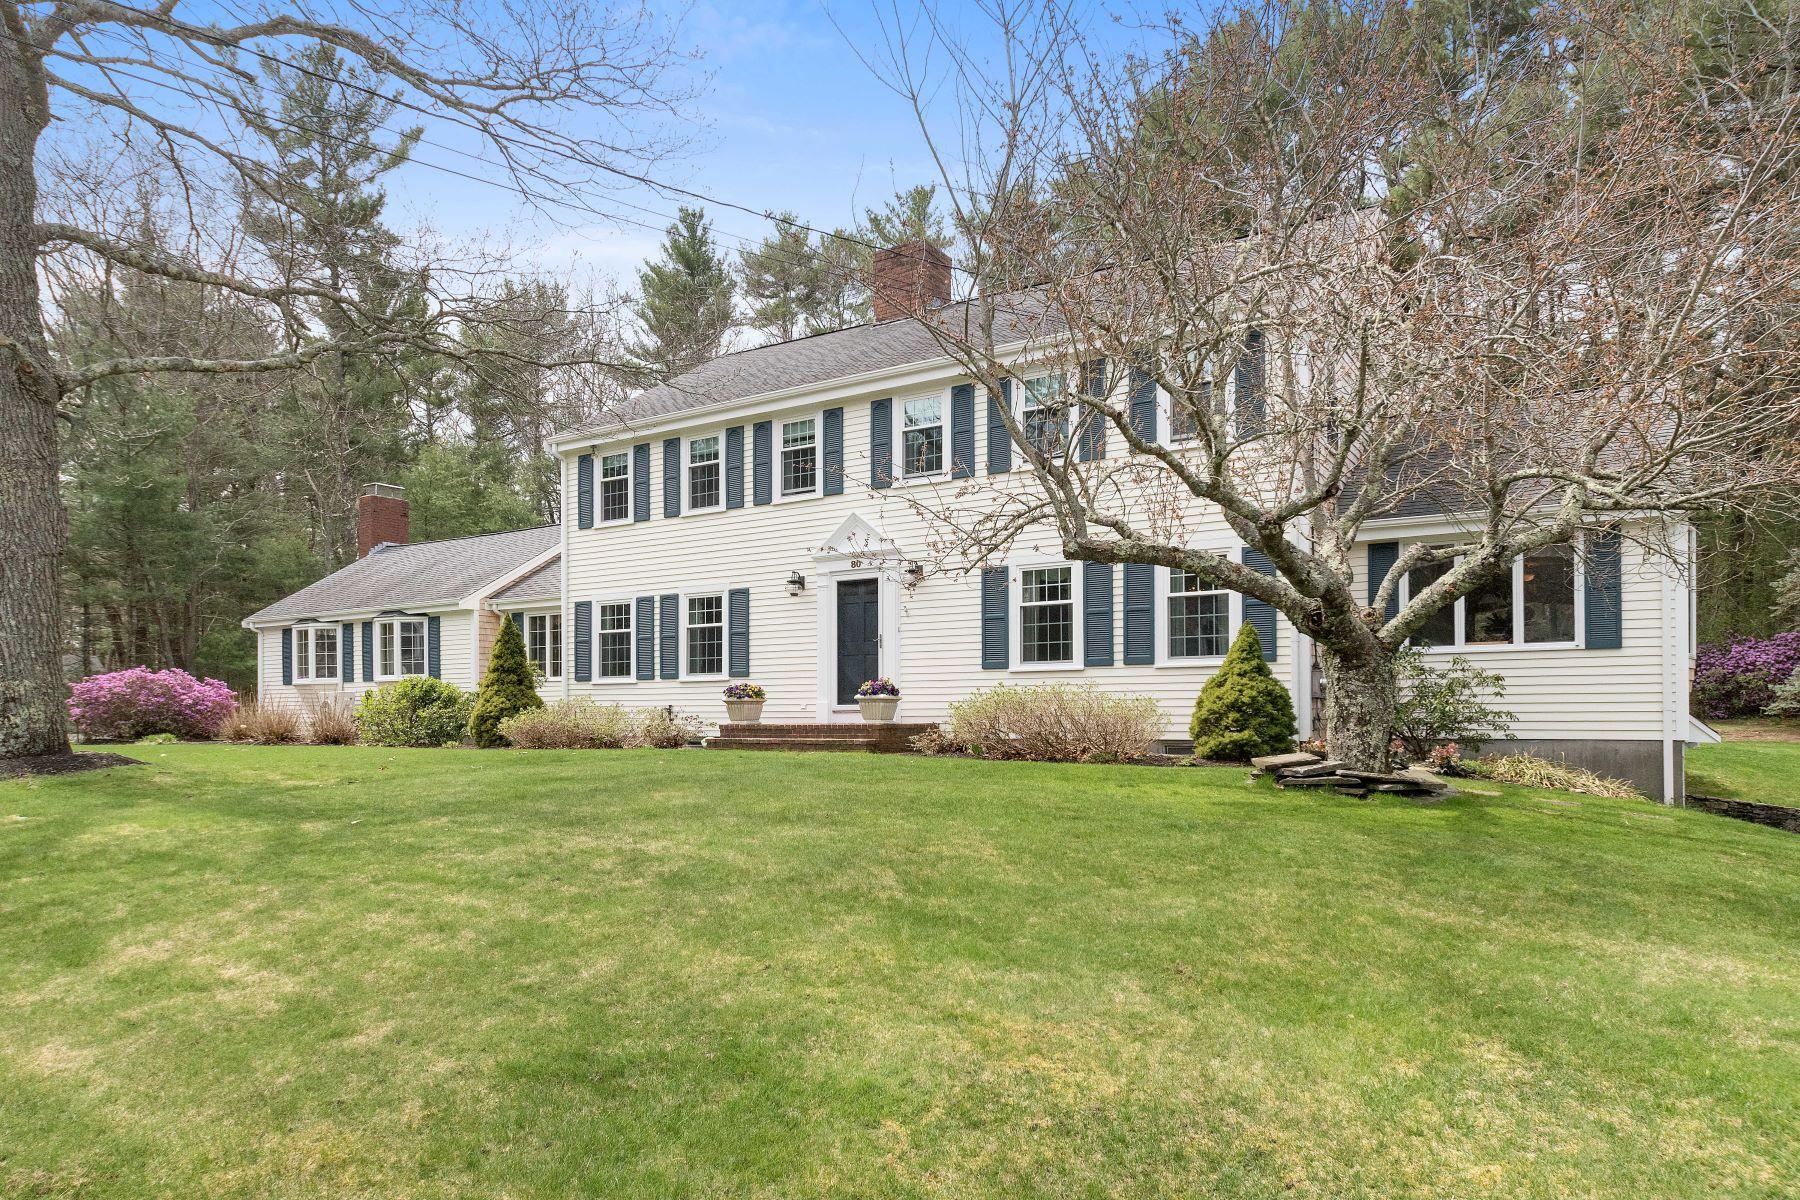 Maison unifamiliale pour l Vente à Stately Colonial in Quiet Neighborhood 80 Flint Locke Drive Duxbury, Massachusetts, 02332 États-Unis